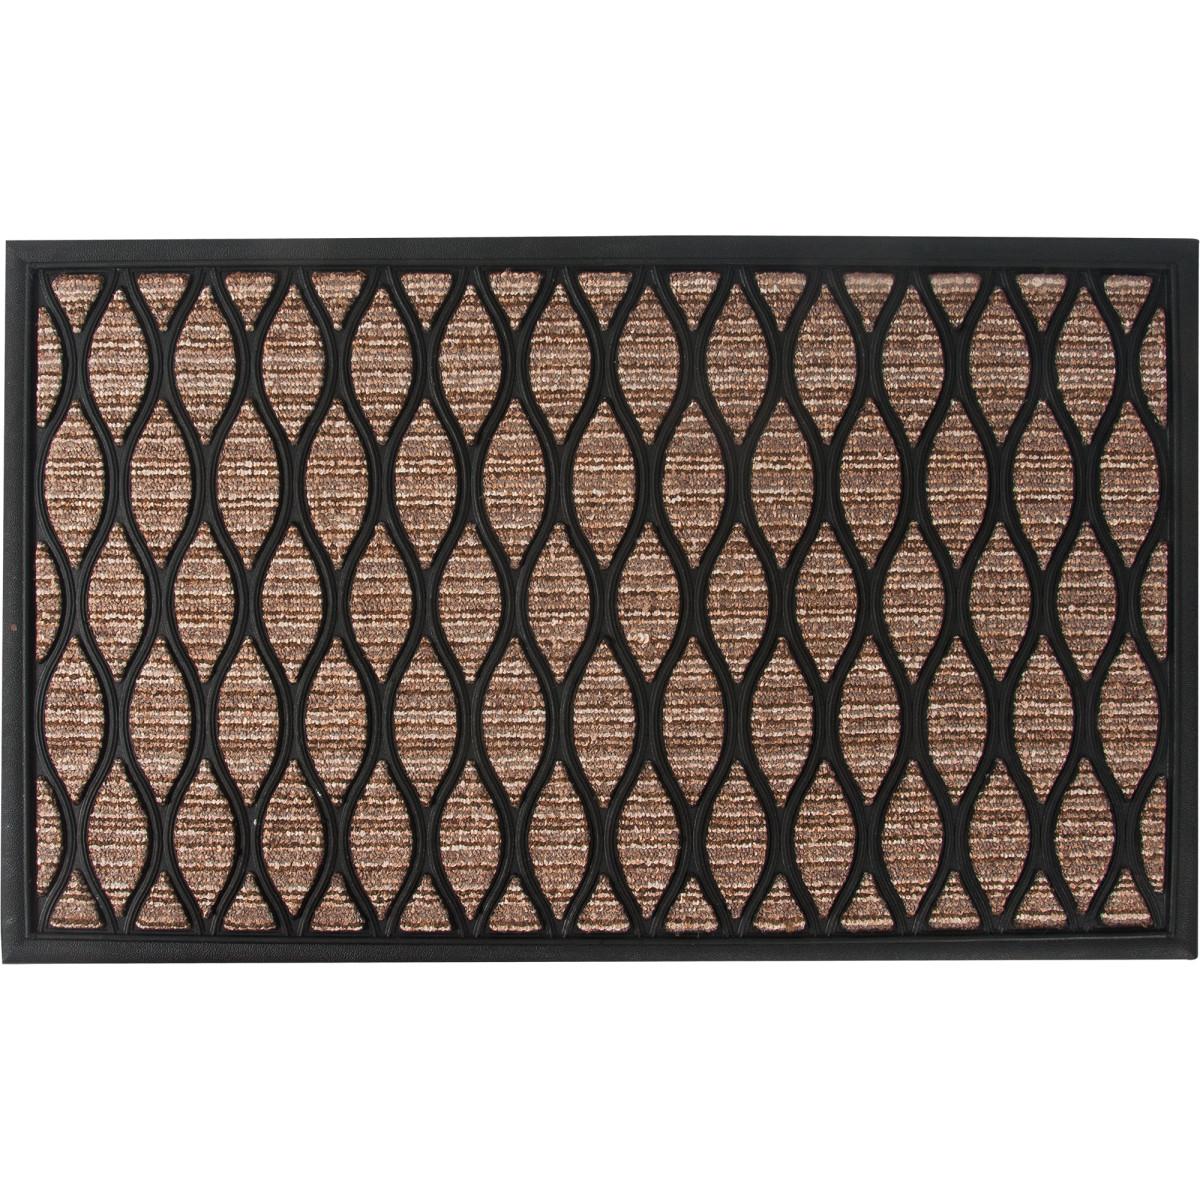 Коврик Porto 1049 45x75 см резина цвет коричневый